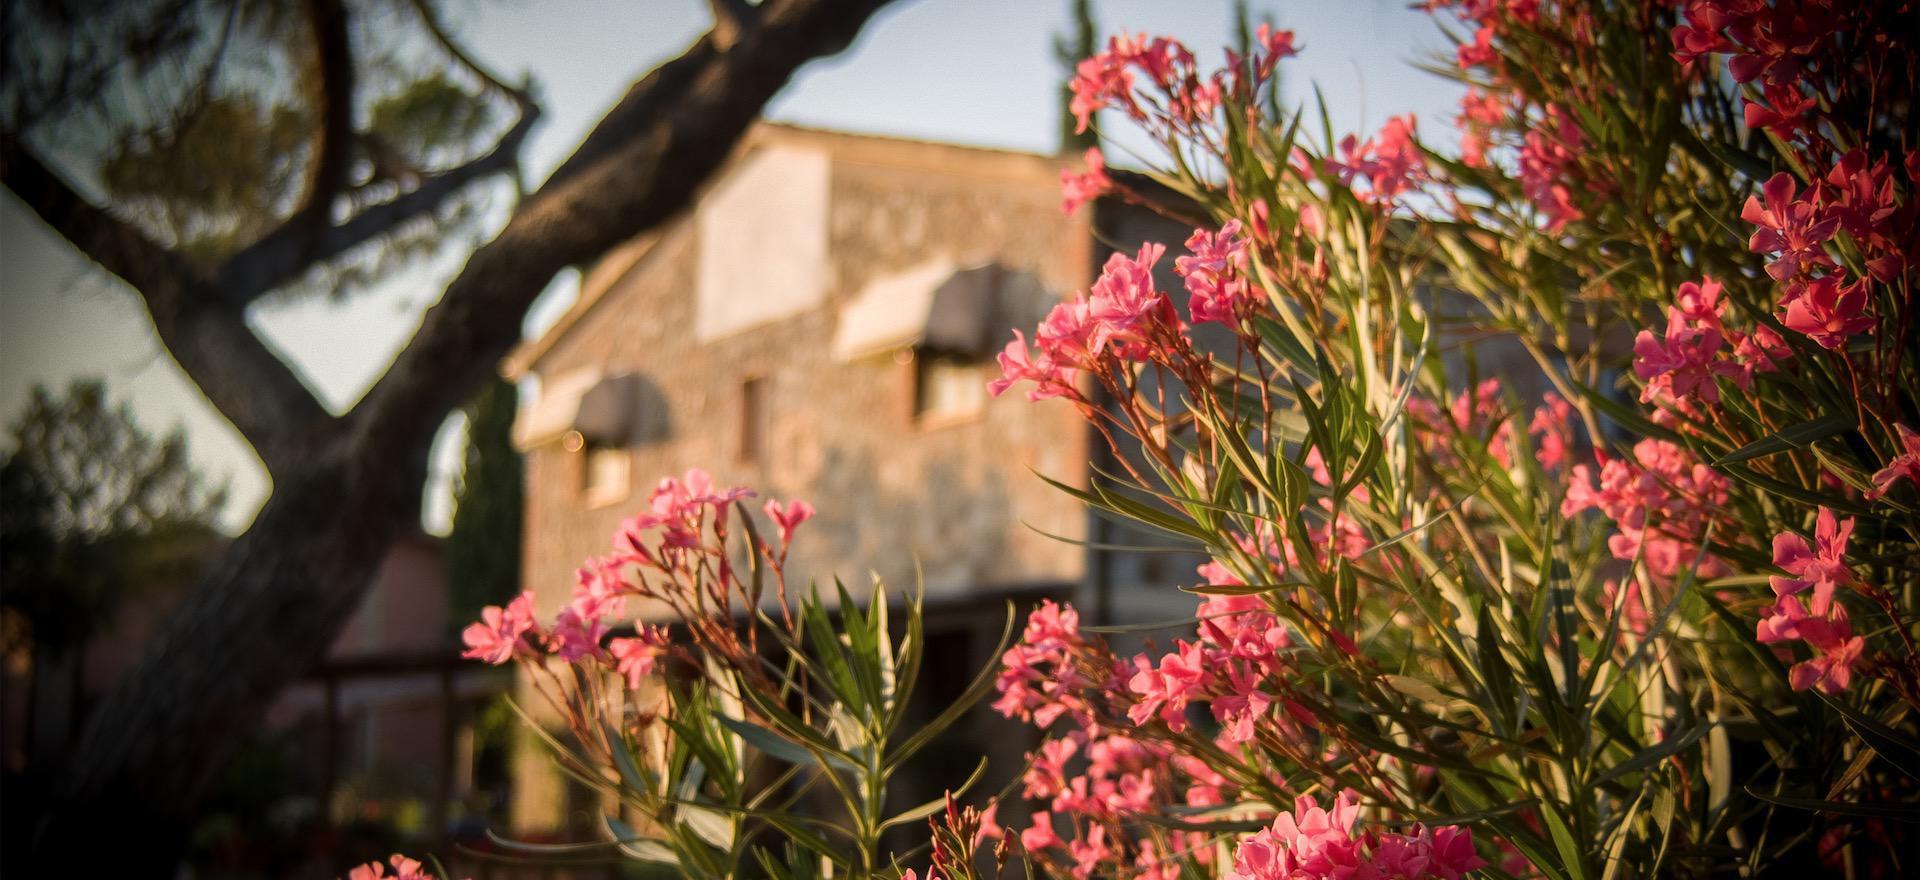 Rustige agriturismo in Toscane met vriendelijke eigenaren